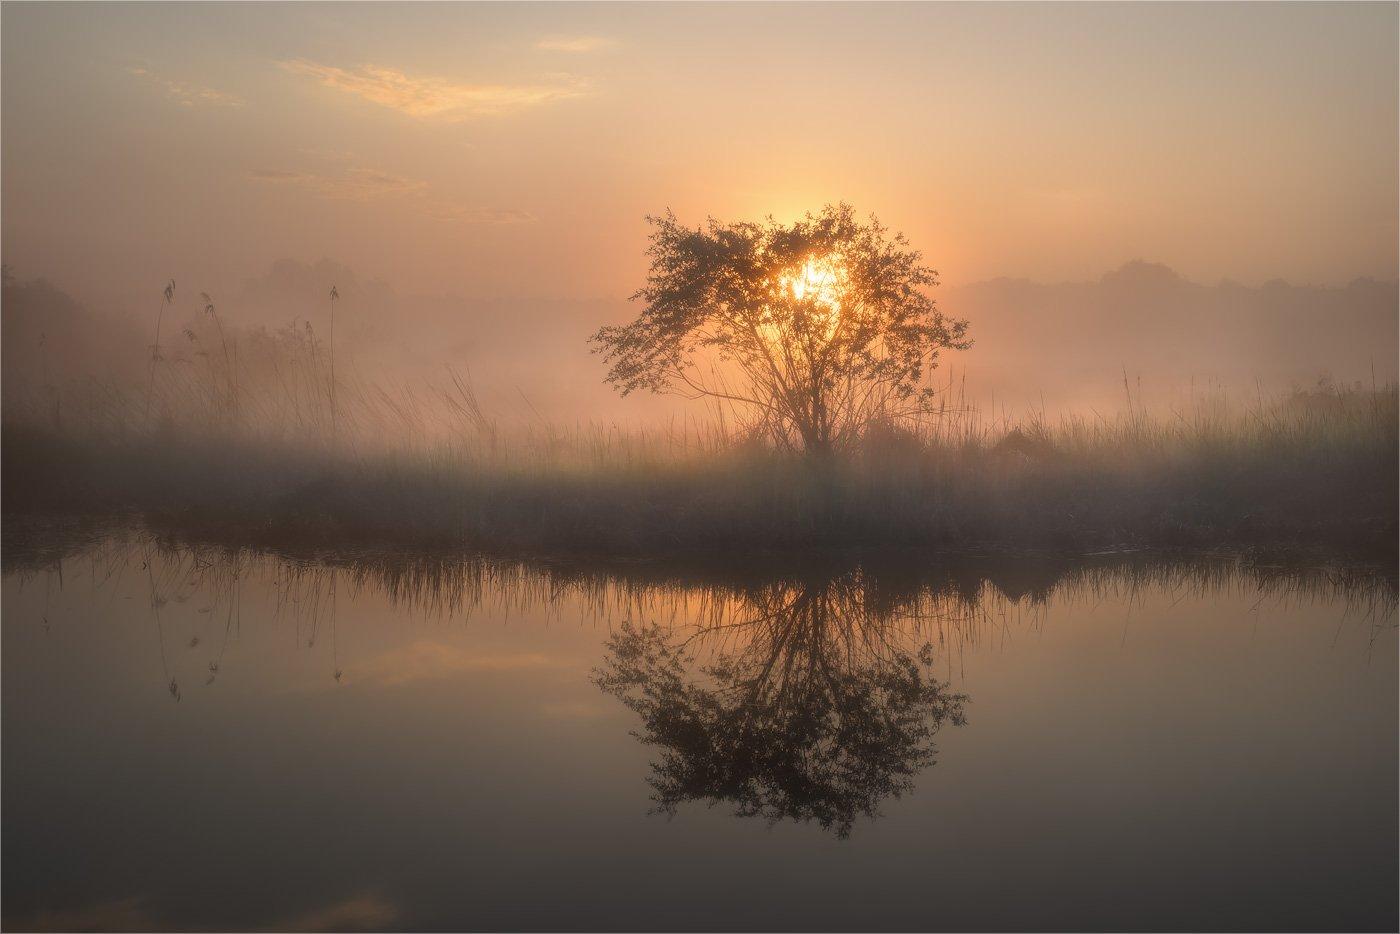 болото, весна, луг, озеро, отражение, туман, утро, Александр Киценко